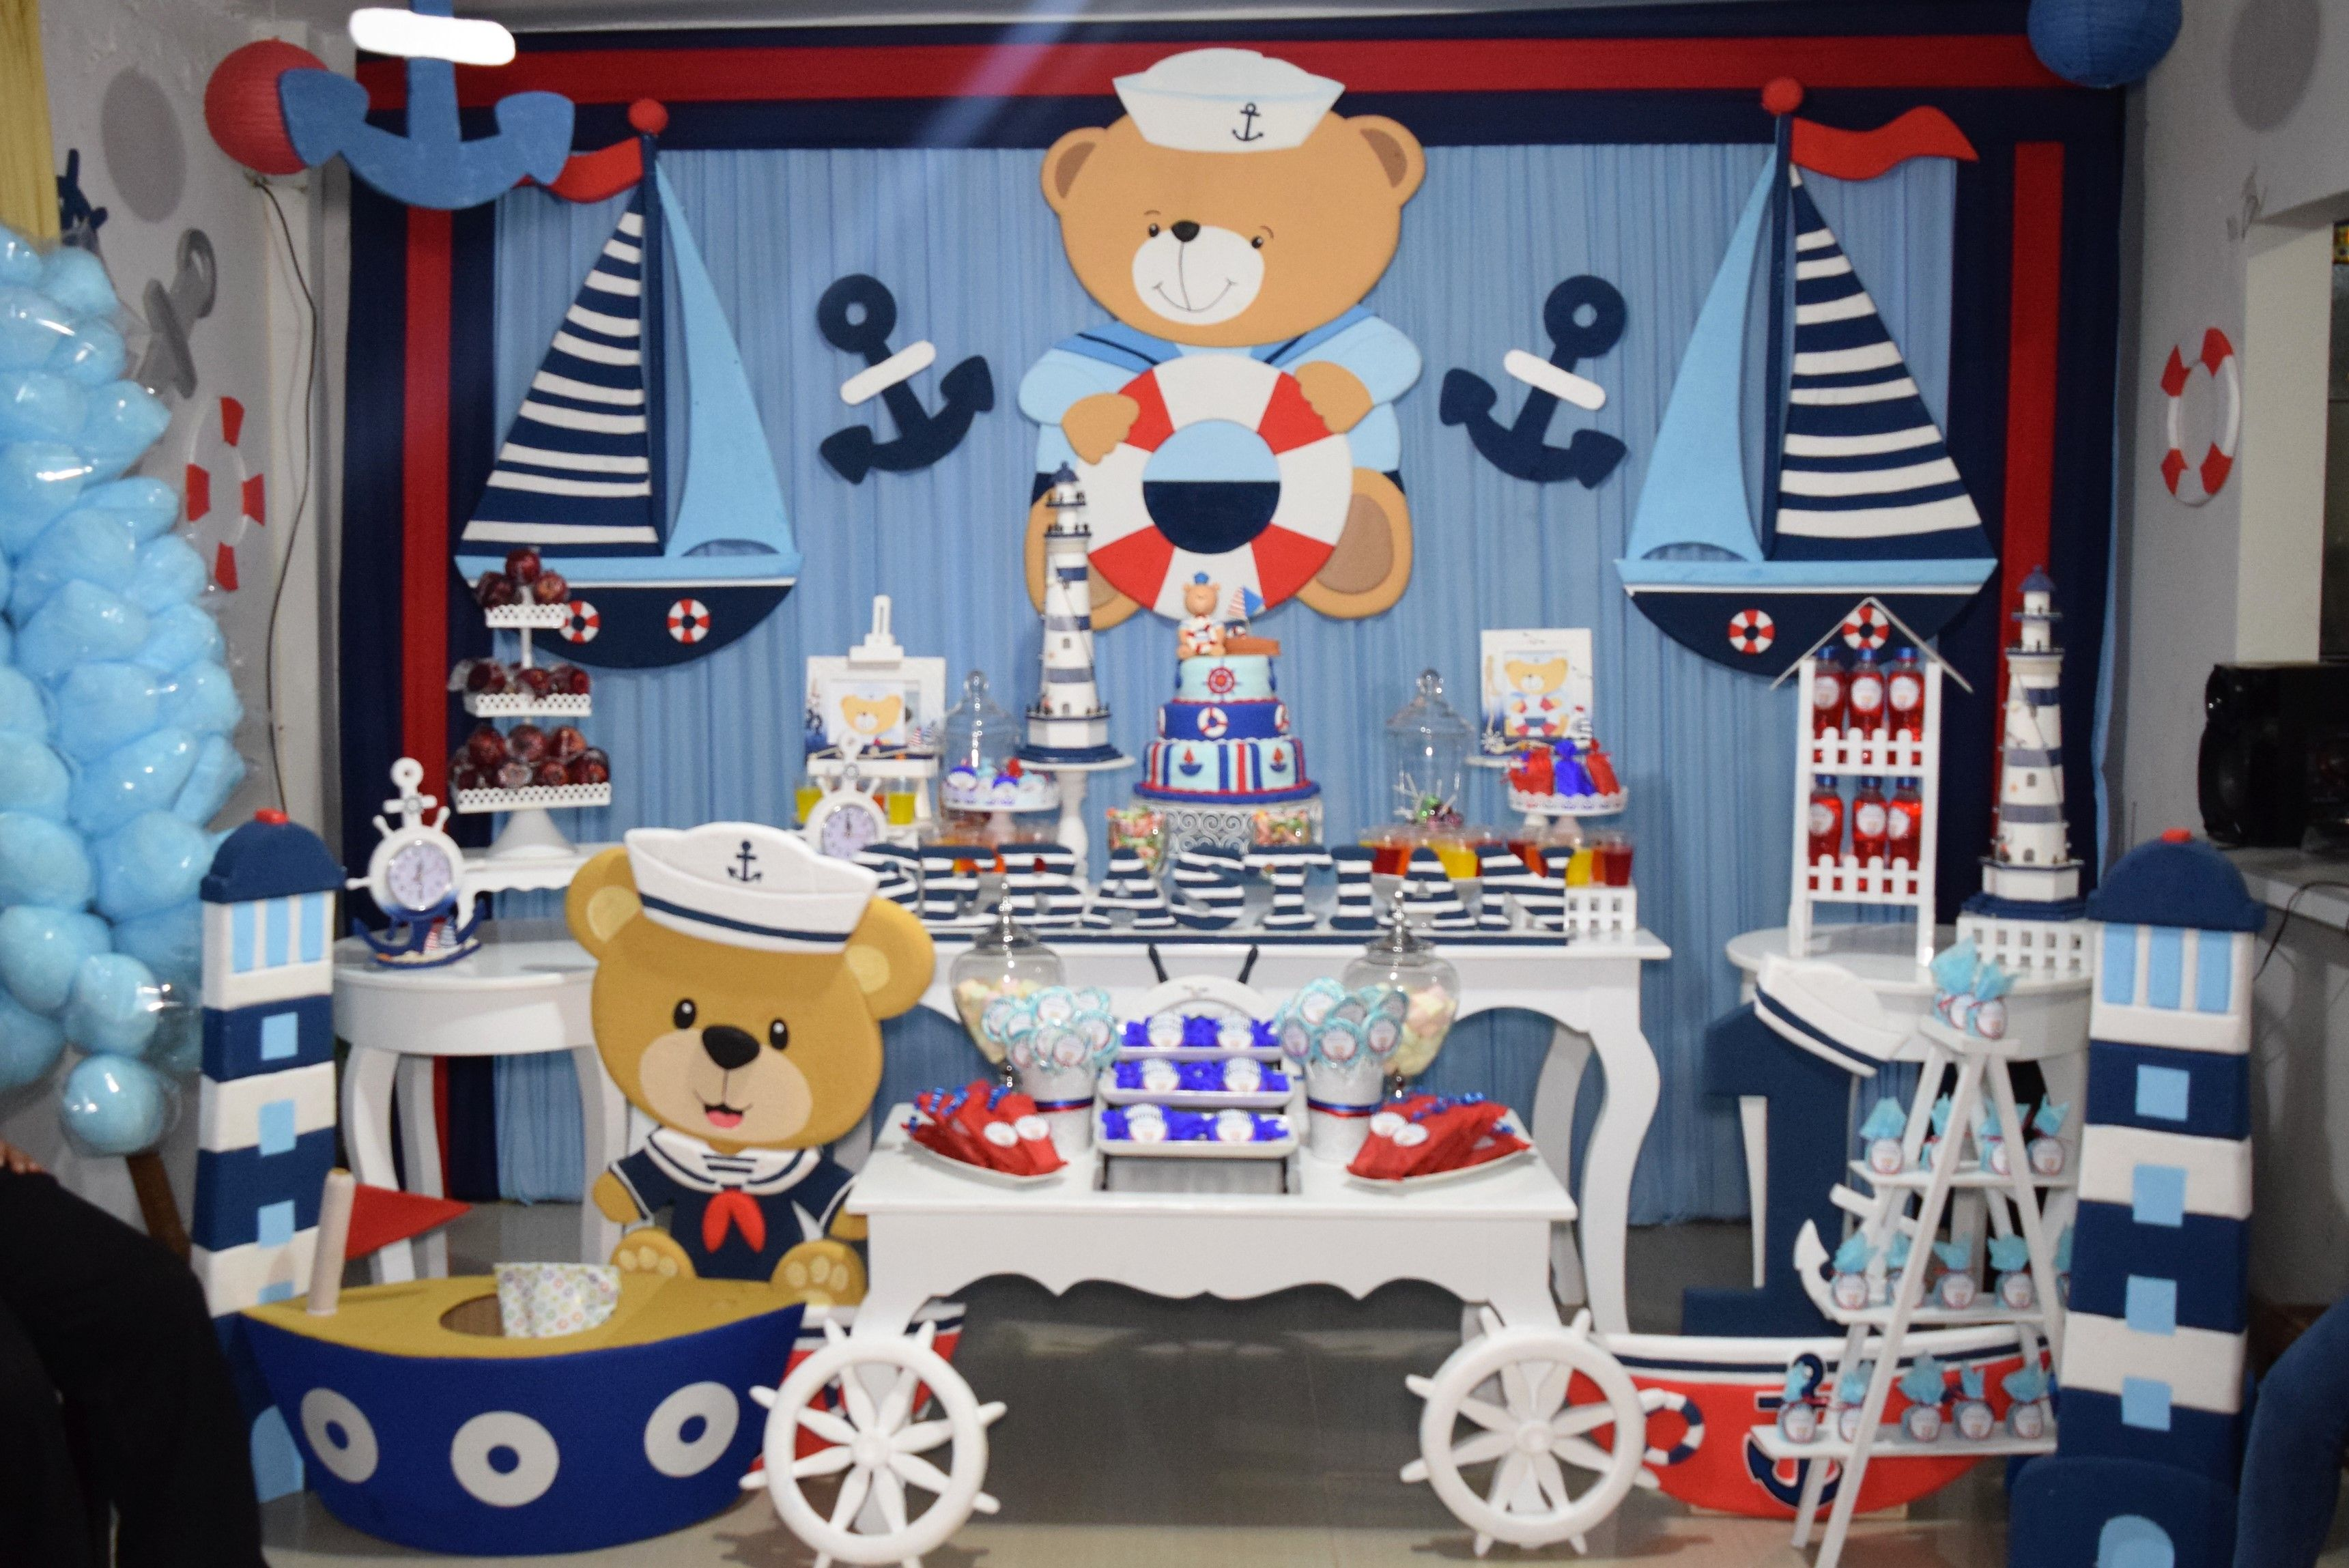 Decoraci n de oso marinero para ni o con mesas vintages for Decoracion nautica infantil